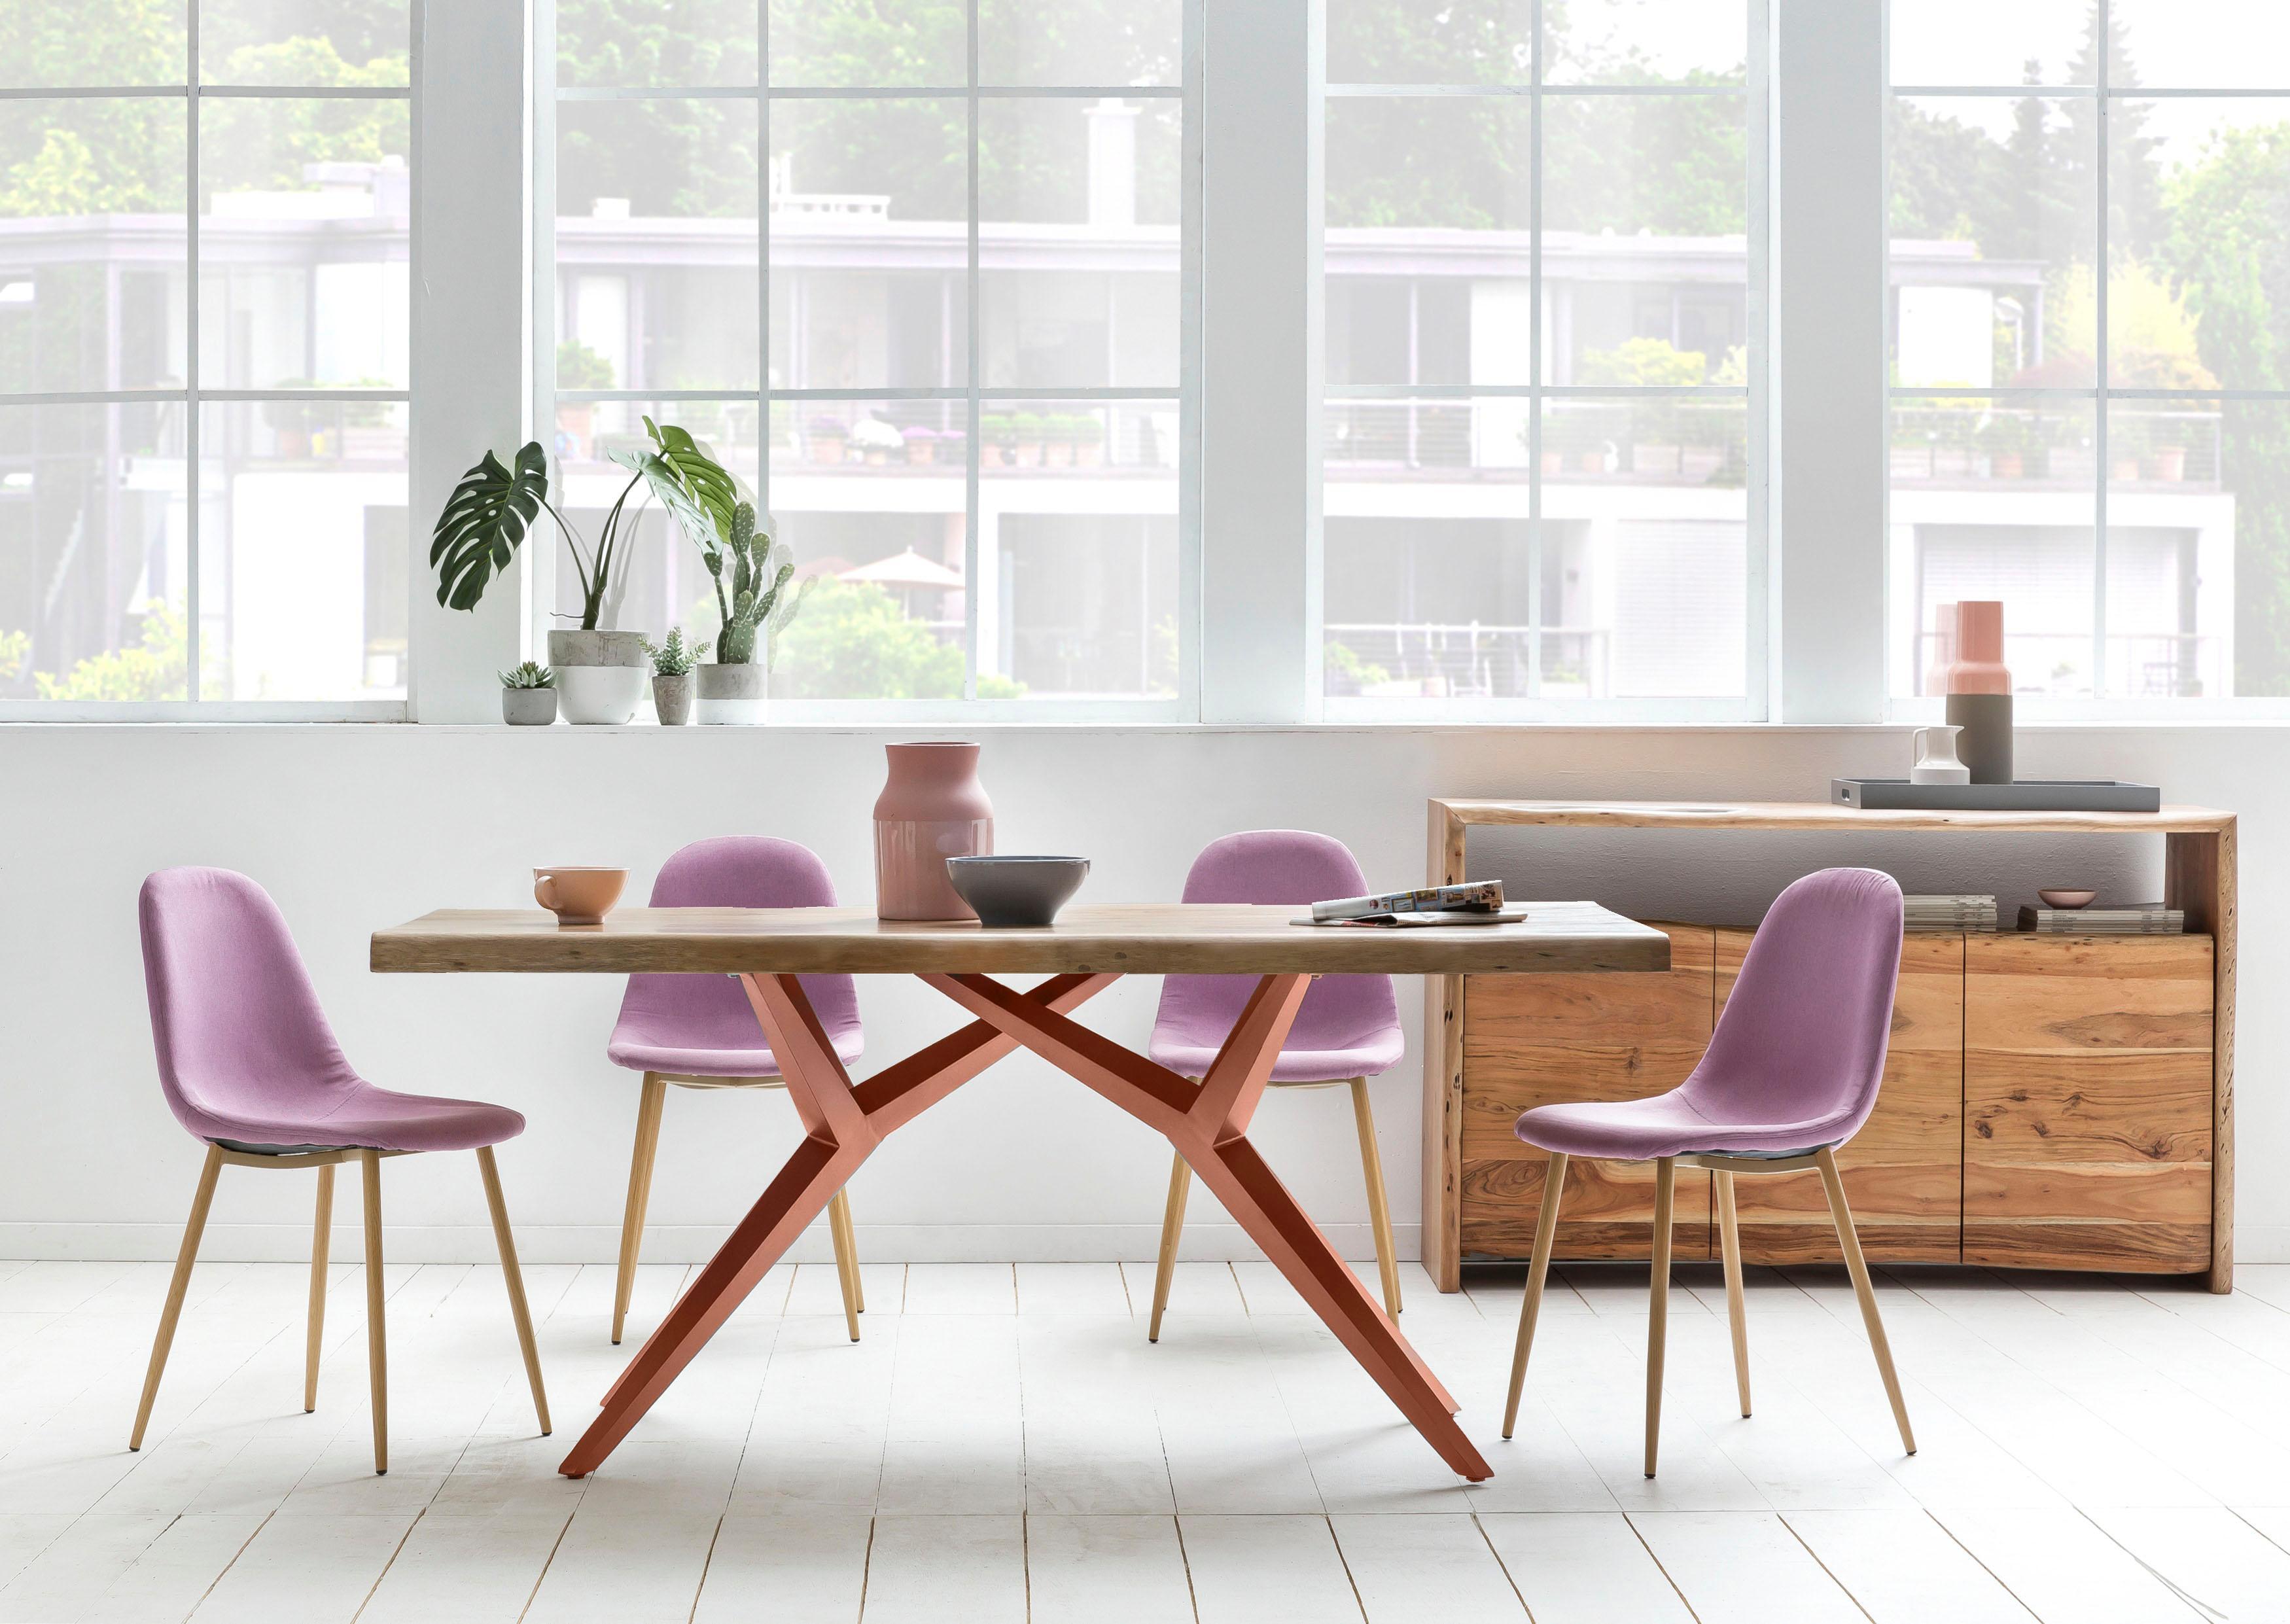 SIT Esstisch Tables, mit elegantem Metallgestell, Shabby Chic, Vintage beige Holz-Esstische Holztische Tische